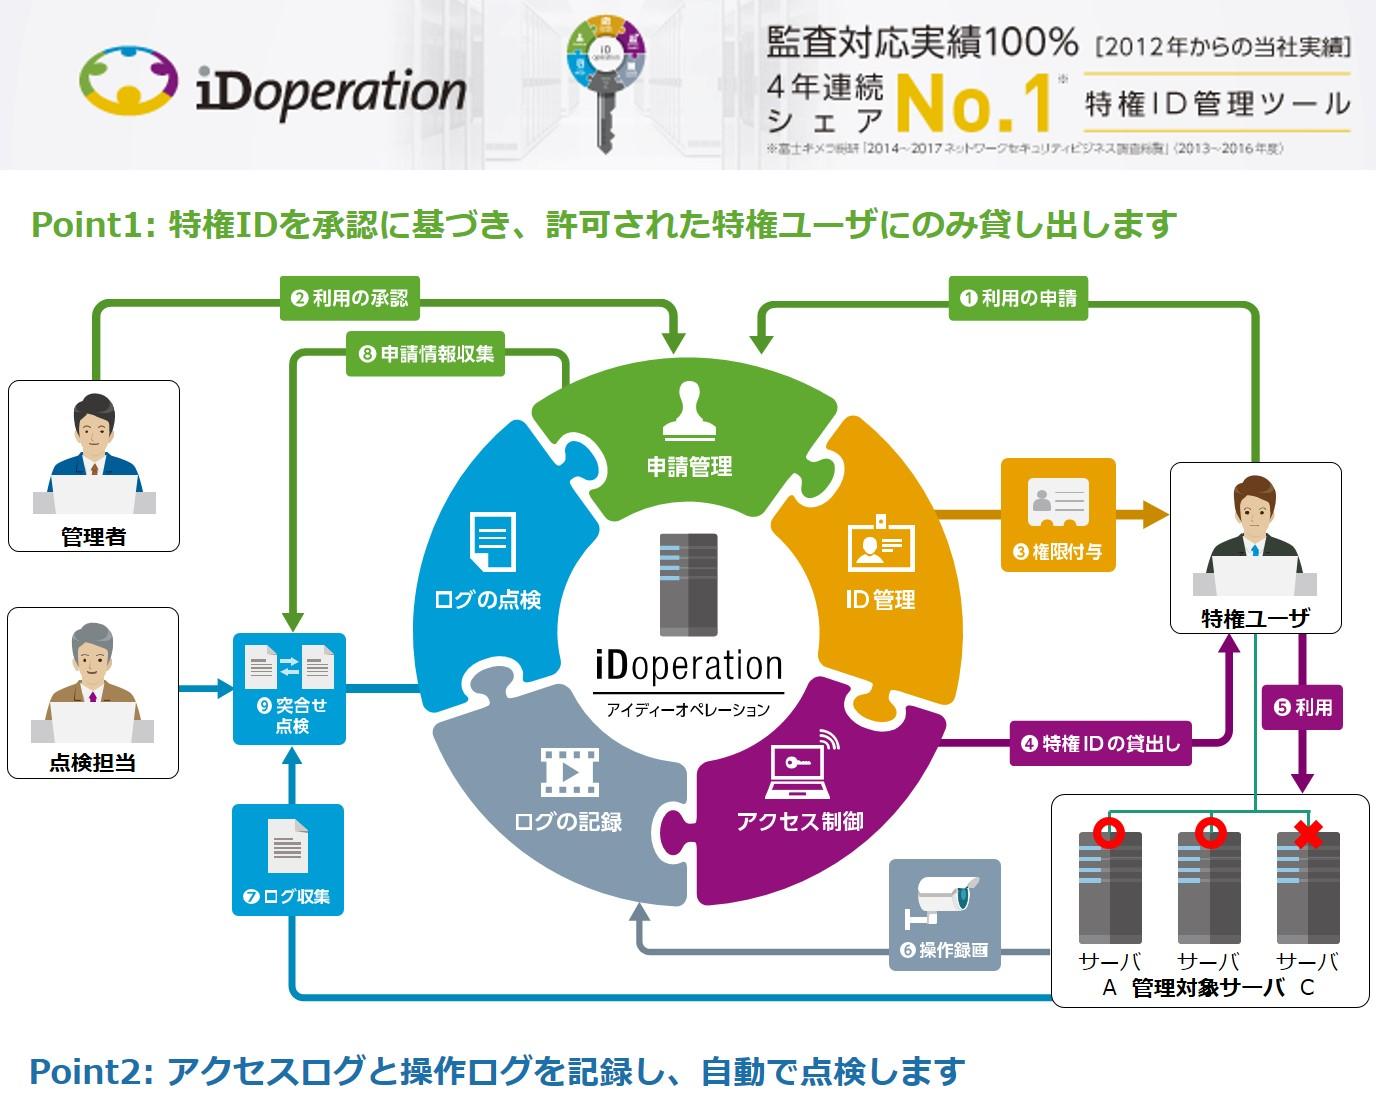 特権ID管理 iDoperation(アイディーオペレーション)